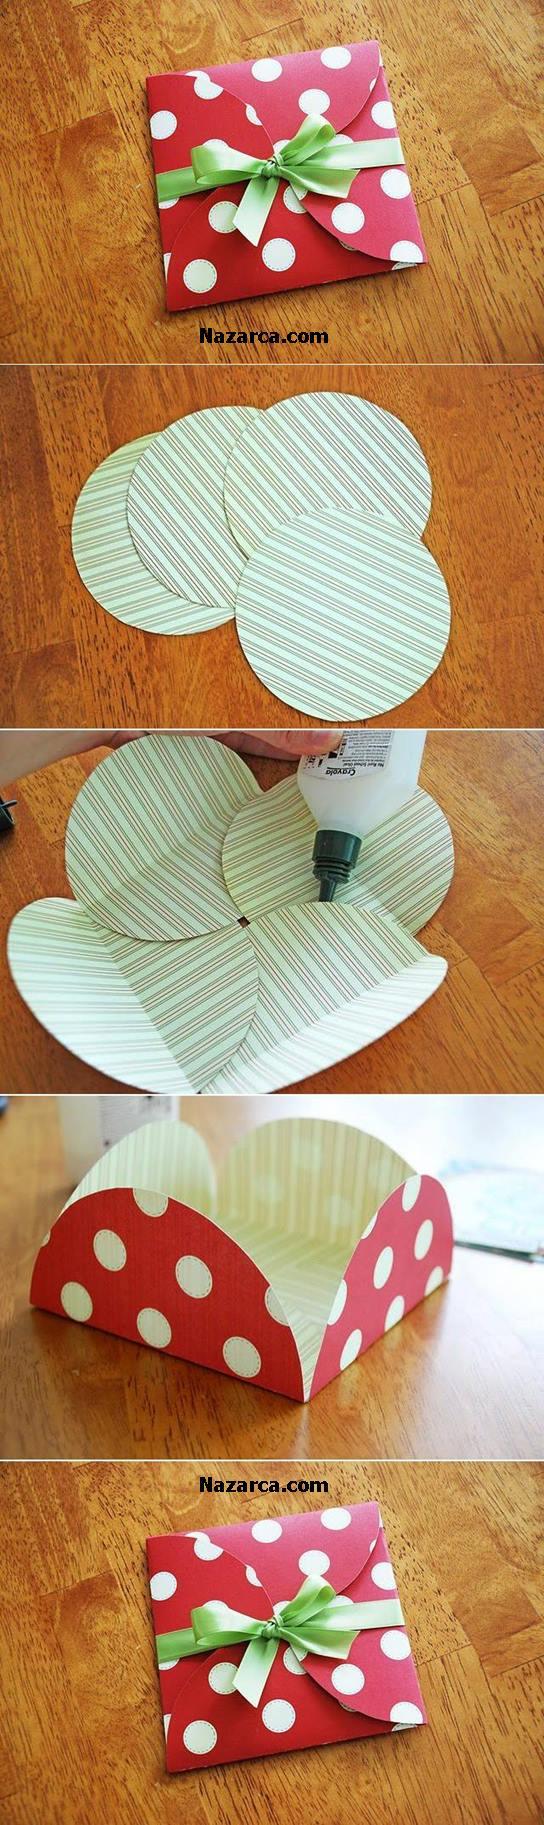 desenli-kagitlardan-dekoratif-hediye-kutusu-tasarimi